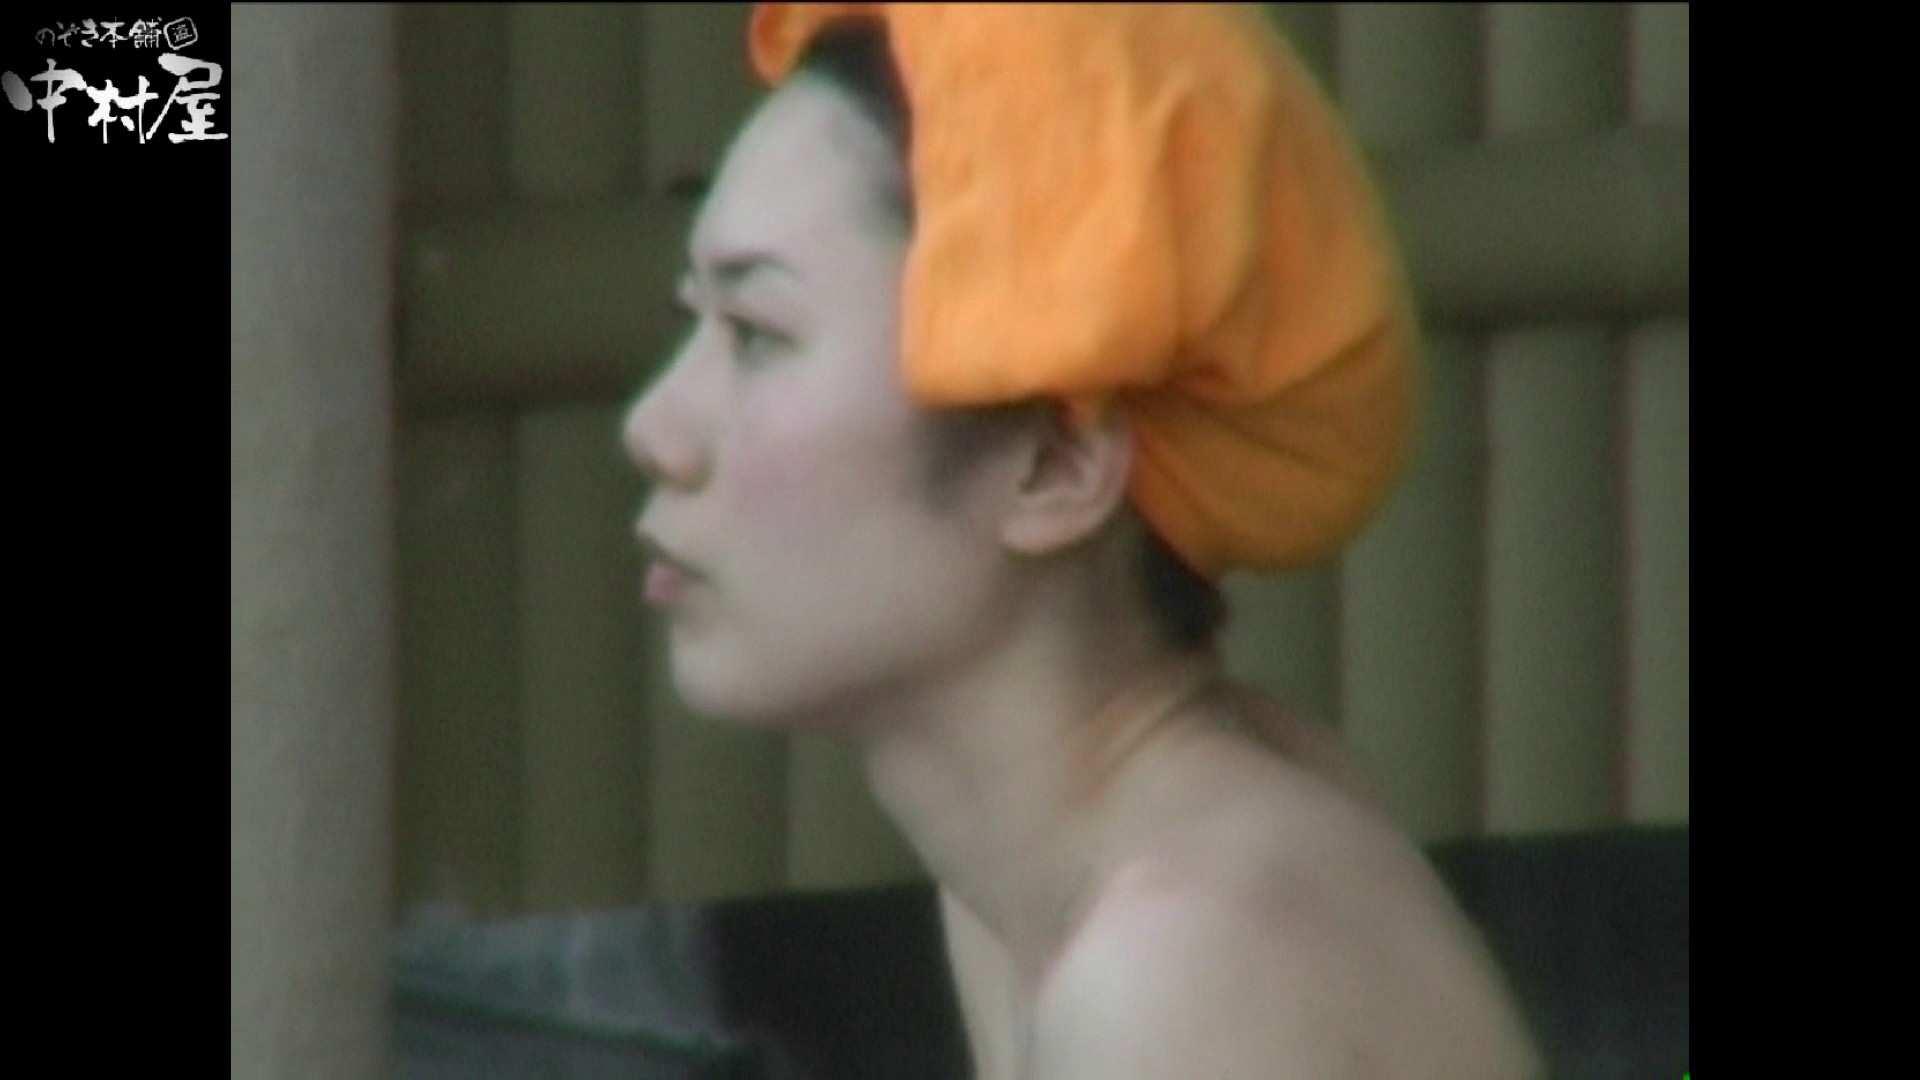 Aquaな露天風呂Vol.978 OLのエロ生活 スケベ動画紹介 73連発 44